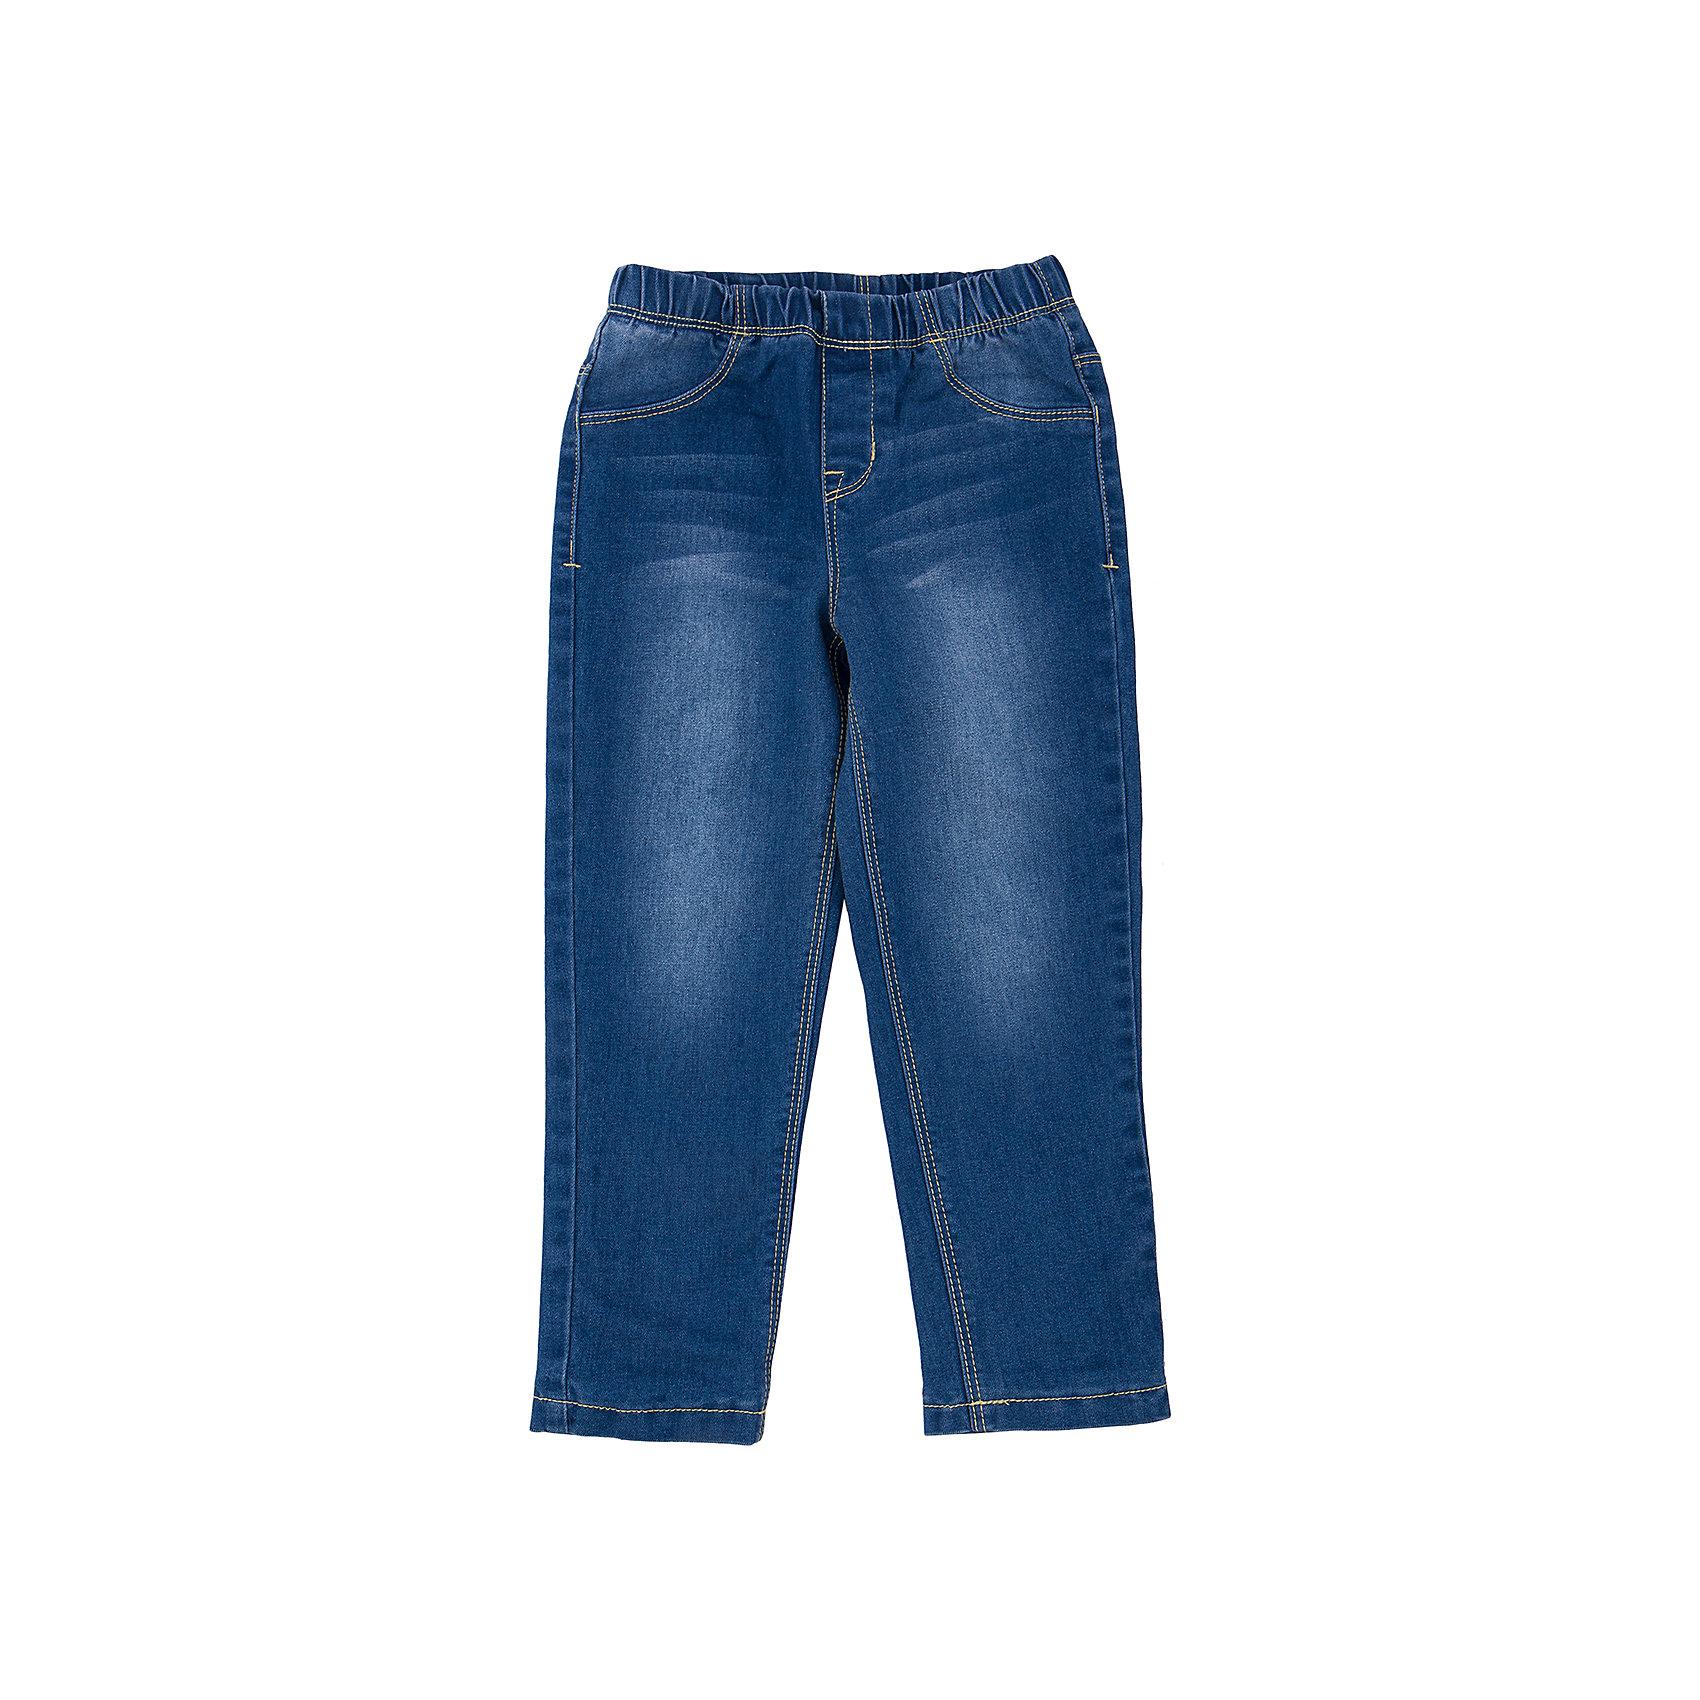 Джинсы для девочки SELAДжинсы<br>Удобные джинсы - незаменимая вещь в детском гардеробе. Эта модель отлично сидит на ребенке, она сшита из плотного материала, натуральный хлопок не вызывает аллергии и обеспечивает ребенку комфорт. Модель станет отличной базовой вещью, которая будет уместна в различных сочетаниях.<br>Одежда от бренда Sela (Села) - это качество по приемлемым ценам. Многие российские родители уже оценили преимущества продукции этой компании и всё чаще приобретают одежду и аксессуары Sela.<br><br>Дополнительная информация:<br><br>цвет: синий;<br>материал: 85% хлопок, 13% ПЭ, 2% эластан; подкладка:65% хлопок, 35% ПЭ;<br>плотный материал.<br><br>Джинсы для девочки от бренда Sela можно купить в нашем интернет-магазине.<br><br>Ширина мм: 215<br>Глубина мм: 88<br>Высота мм: 191<br>Вес г: 336<br>Цвет: синий<br>Возраст от месяцев: 60<br>Возраст до месяцев: 72<br>Пол: Женский<br>Возраст: Детский<br>Размер: 116,98,104,110<br>SKU: 4919374